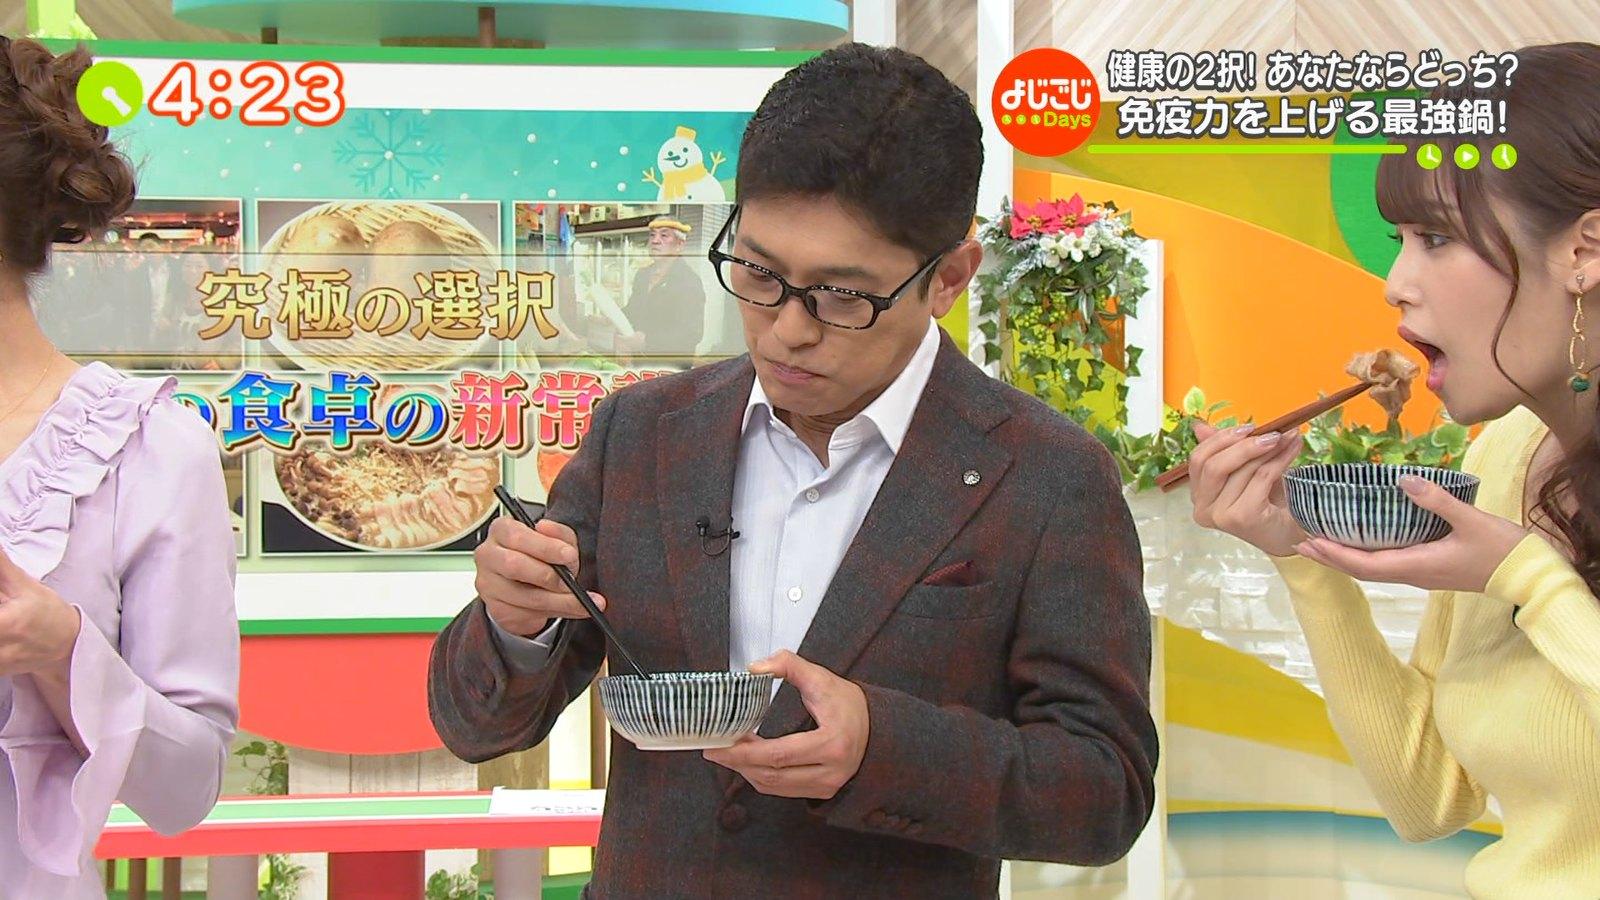 20181206テレビ東京「よじごじdays」・鷲見玲奈さんのテレビキャプチャー画像-033